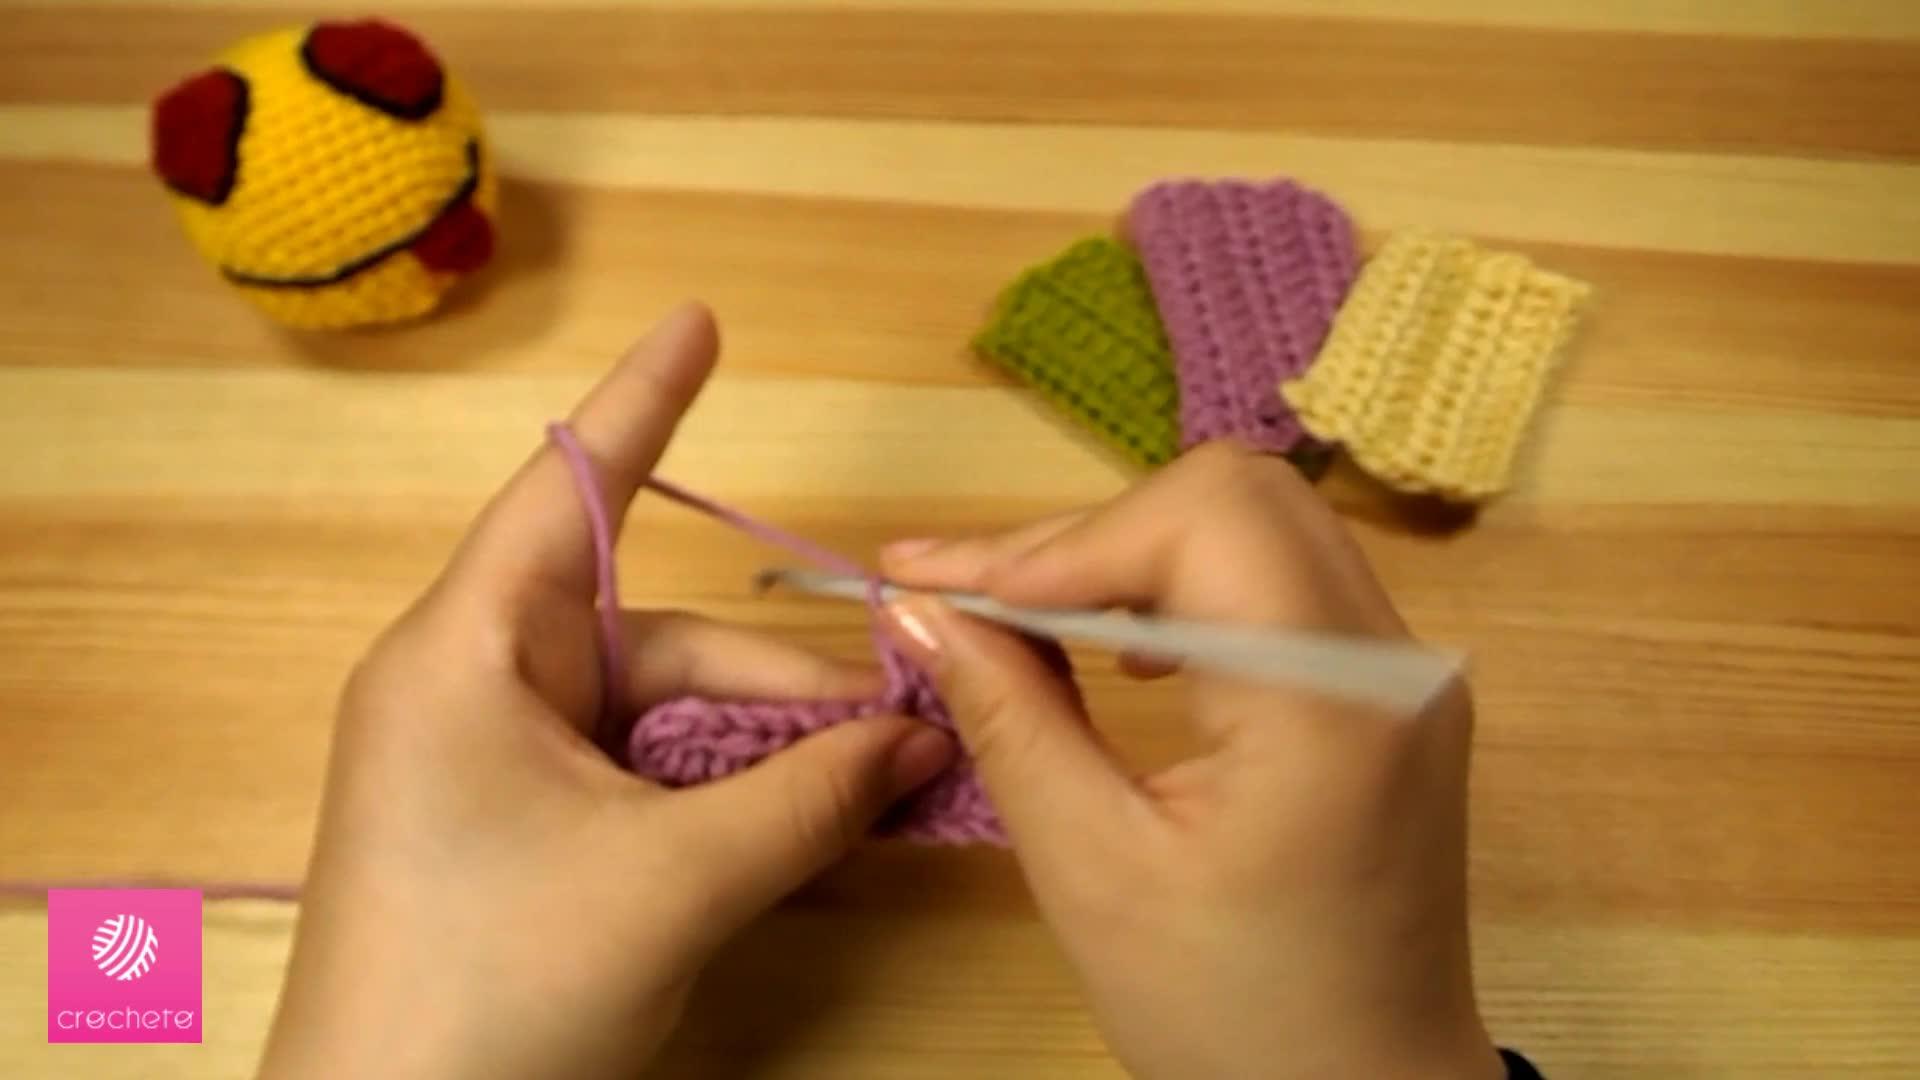 تعليم الكروشيه غرزة النصف عمود - Learn how to Crochet for beginners Half Double Crochet Stitch 7